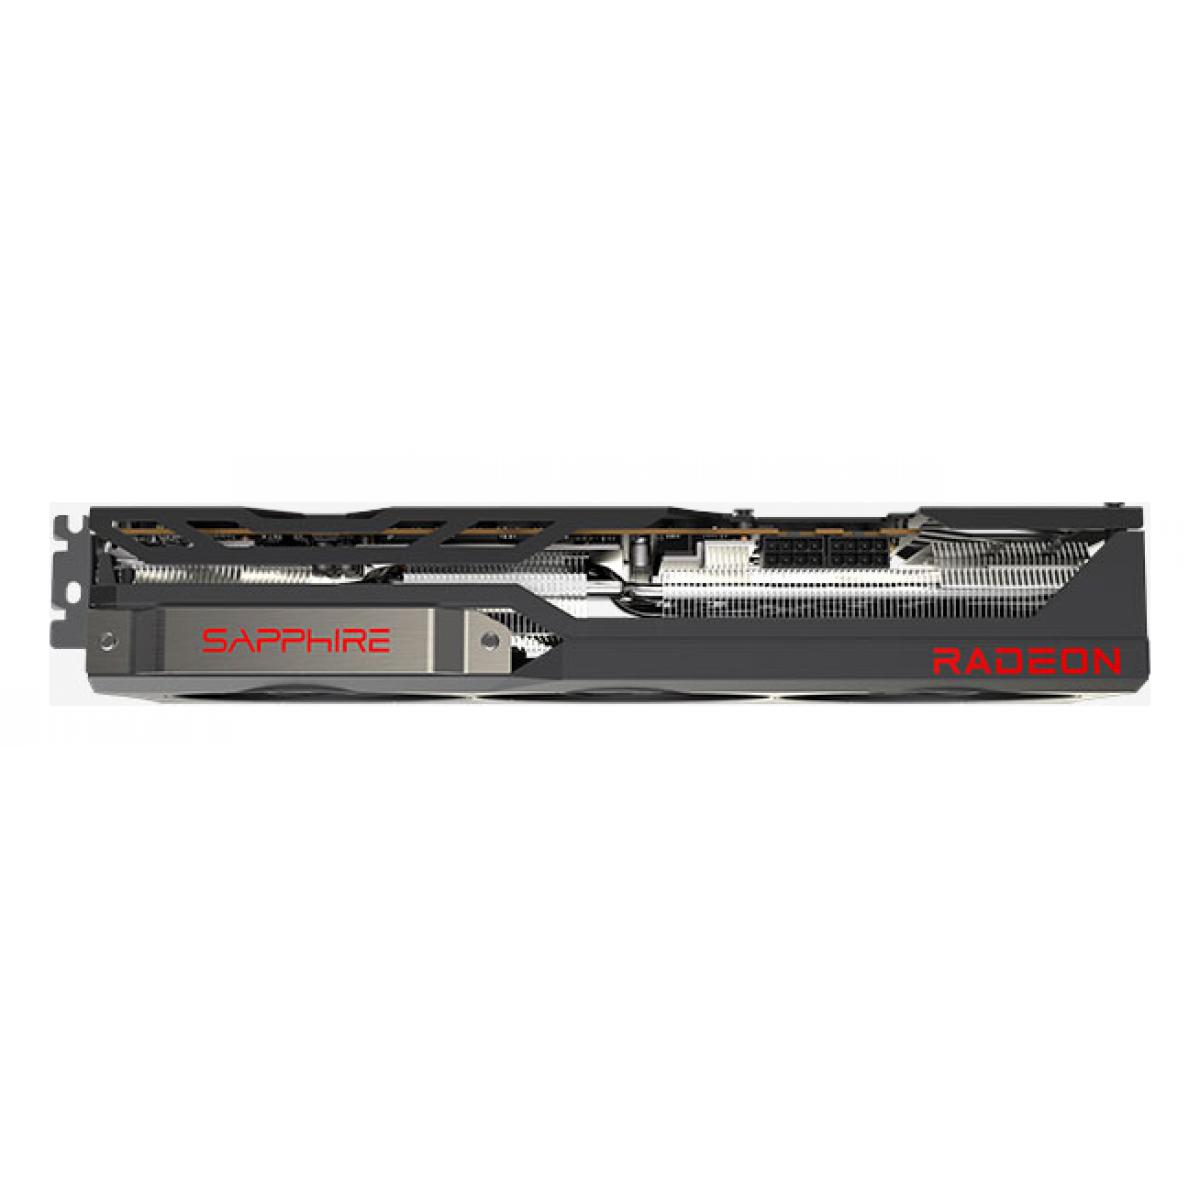 Placa de Vïdeo Sapphire Pulse Radeon RX 6800, 16GB, GDDR6, 256bit, 11305-02-20G